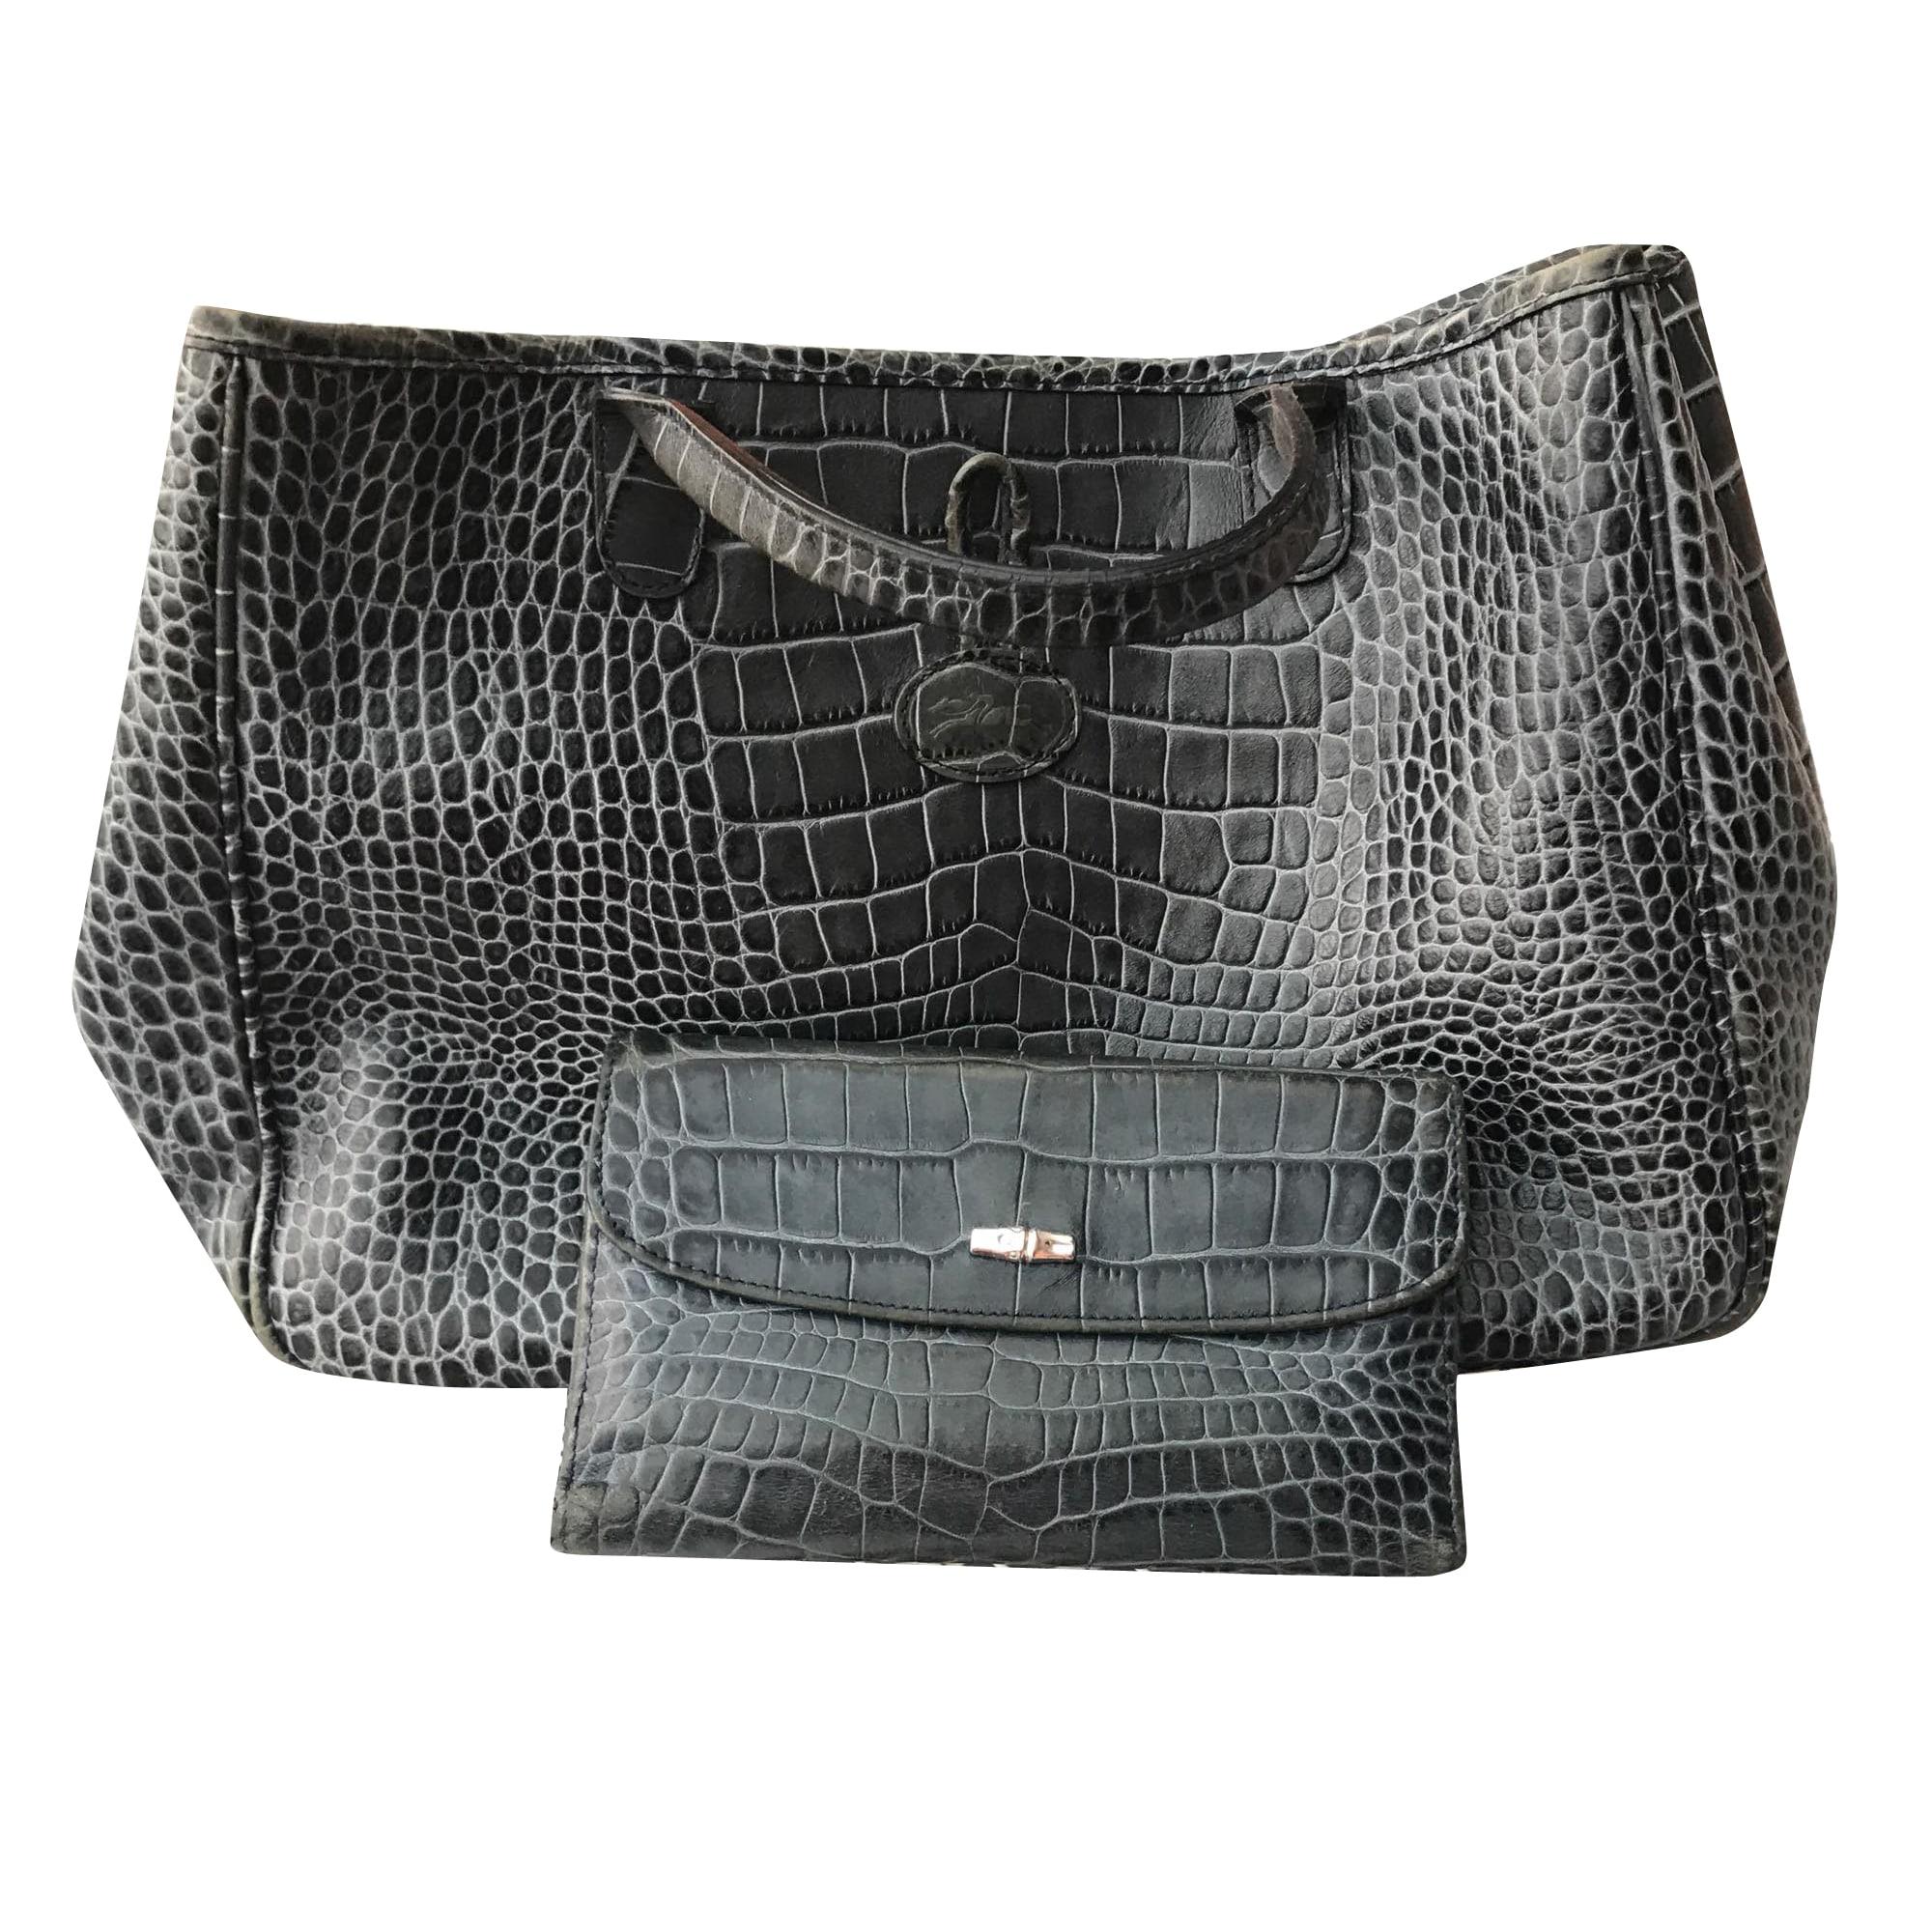 Leather Handbag LONGCHAMP Blue, navy, turquoise